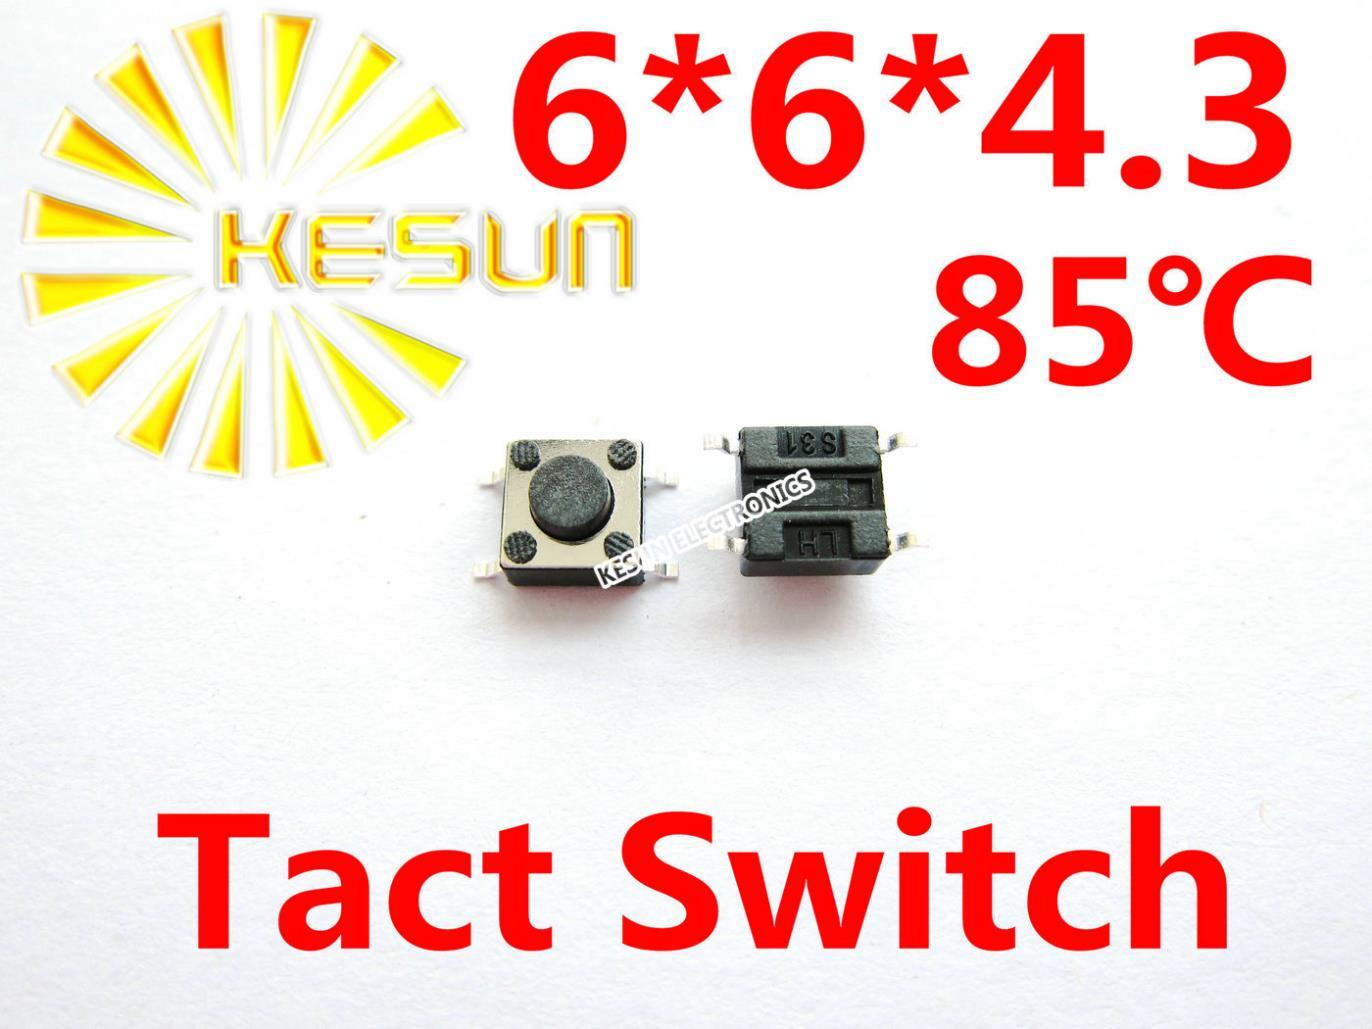 1000 шт. 6X6X4.3 SMD тактильный Такт Мини кнопочный переключатель Микро Переключатель мгновенный